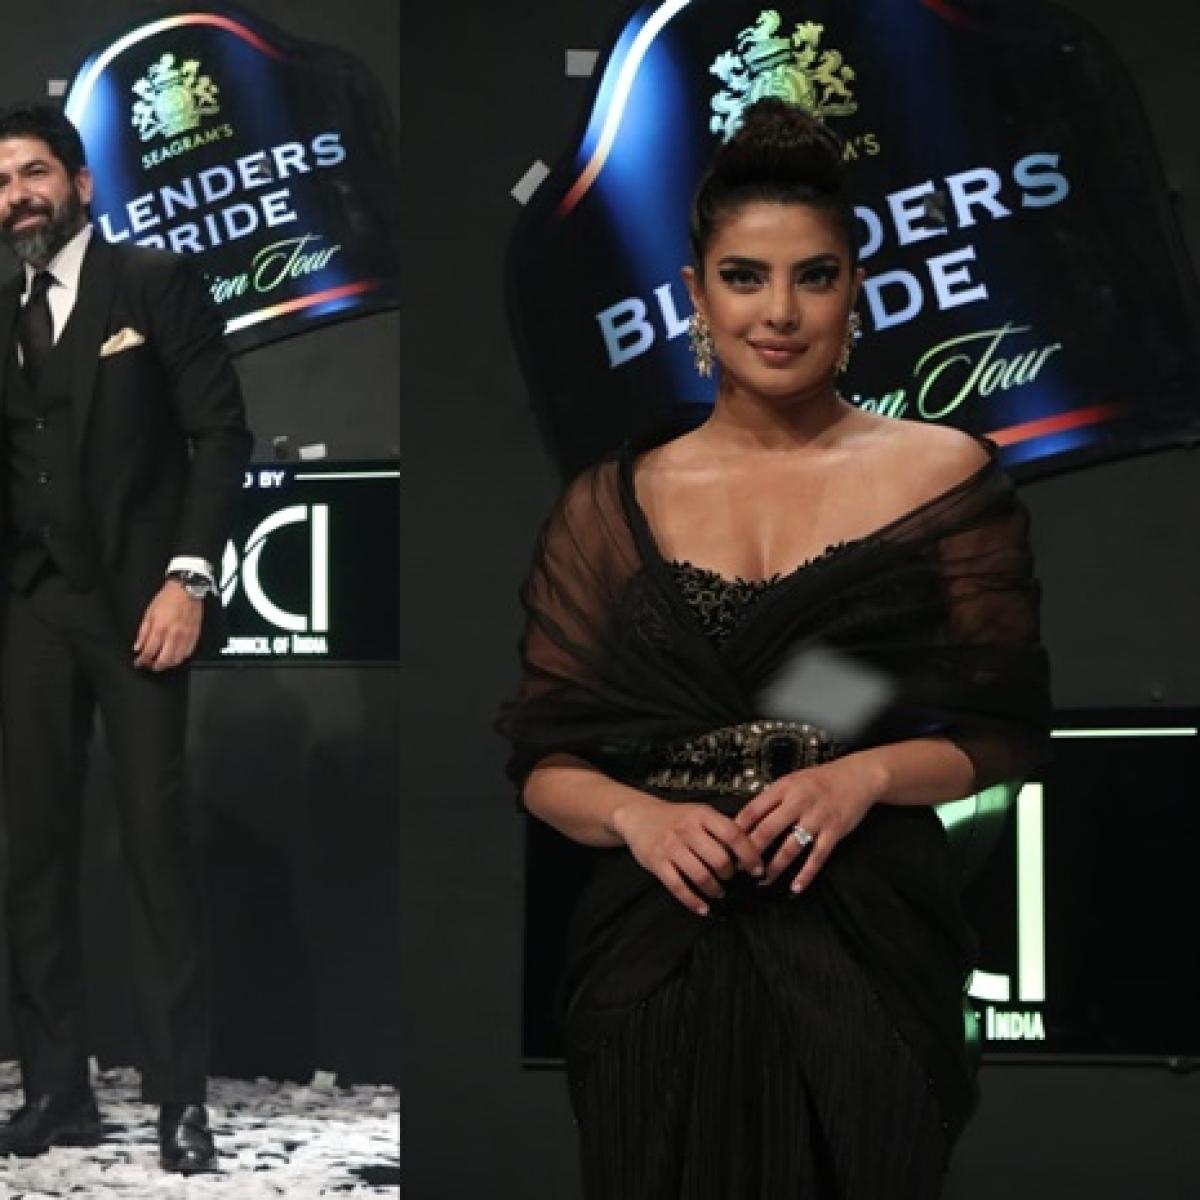 Priyanka Chopra pays tribute to late fashion designer Wendell Rodricks at Blenders Pride Fashion Tour 2020